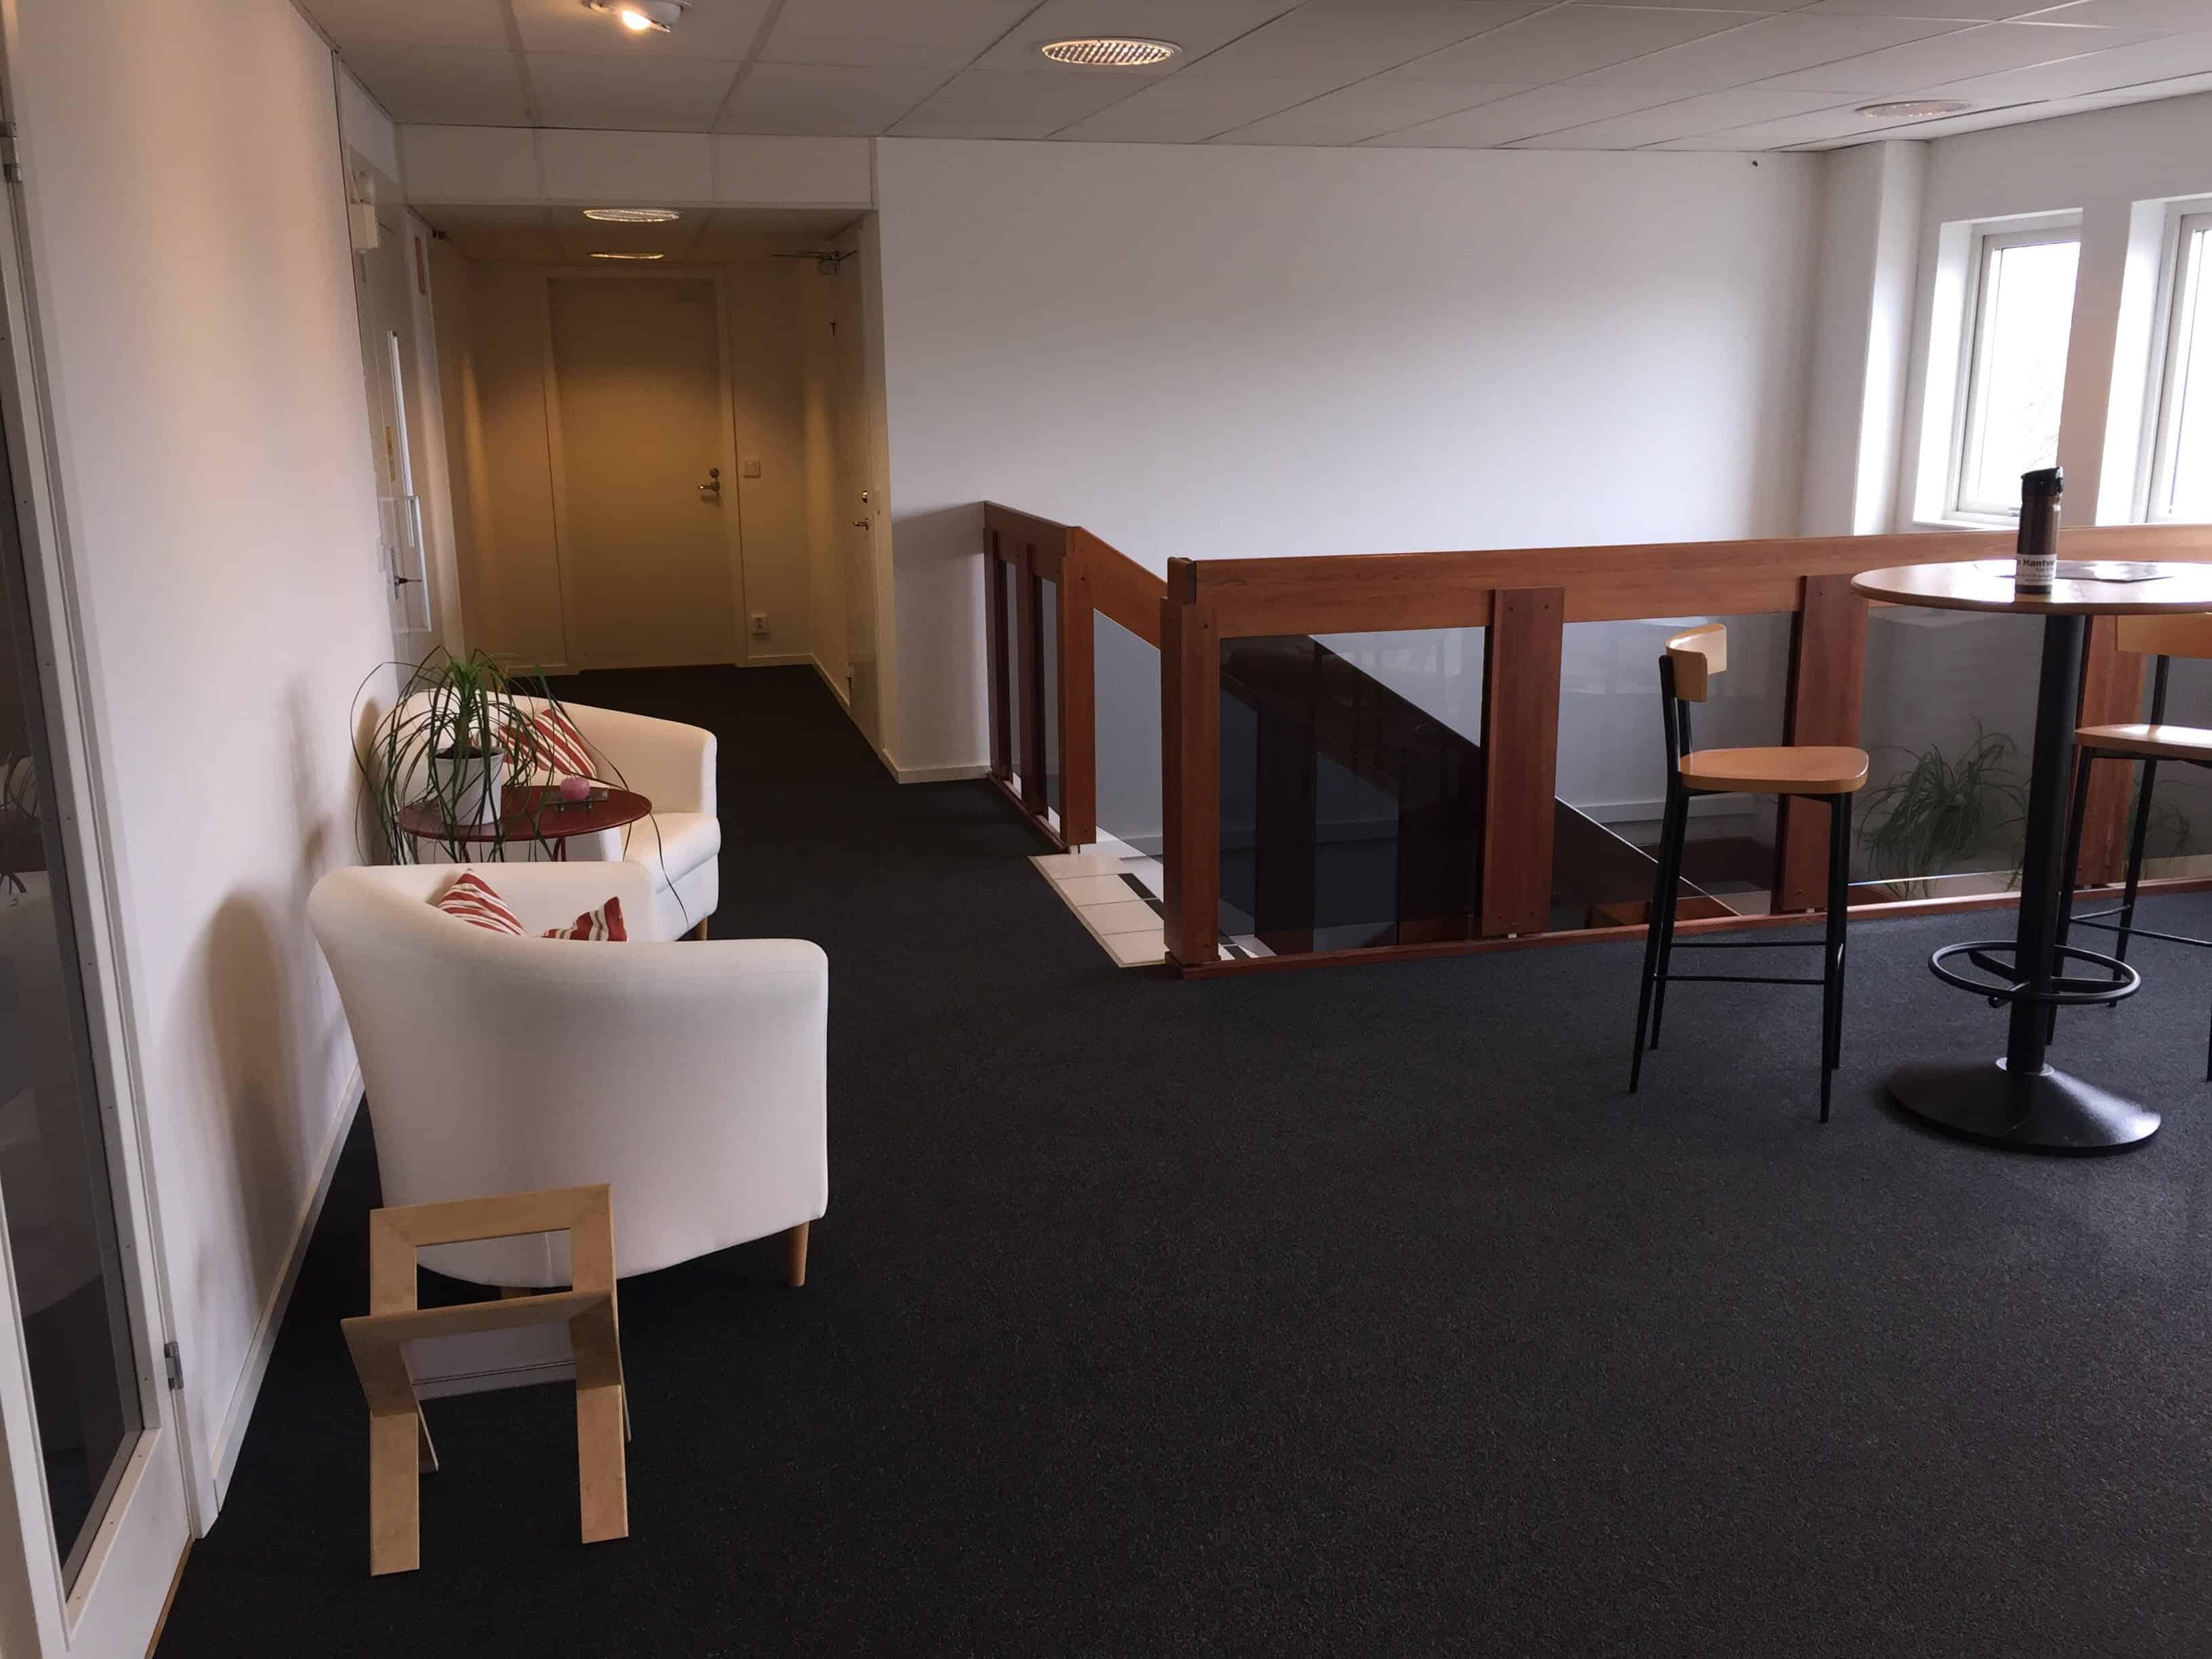 """Referensjobb """"Kontorsrenovering"""" utfört av En Hantverkare i Skåne"""